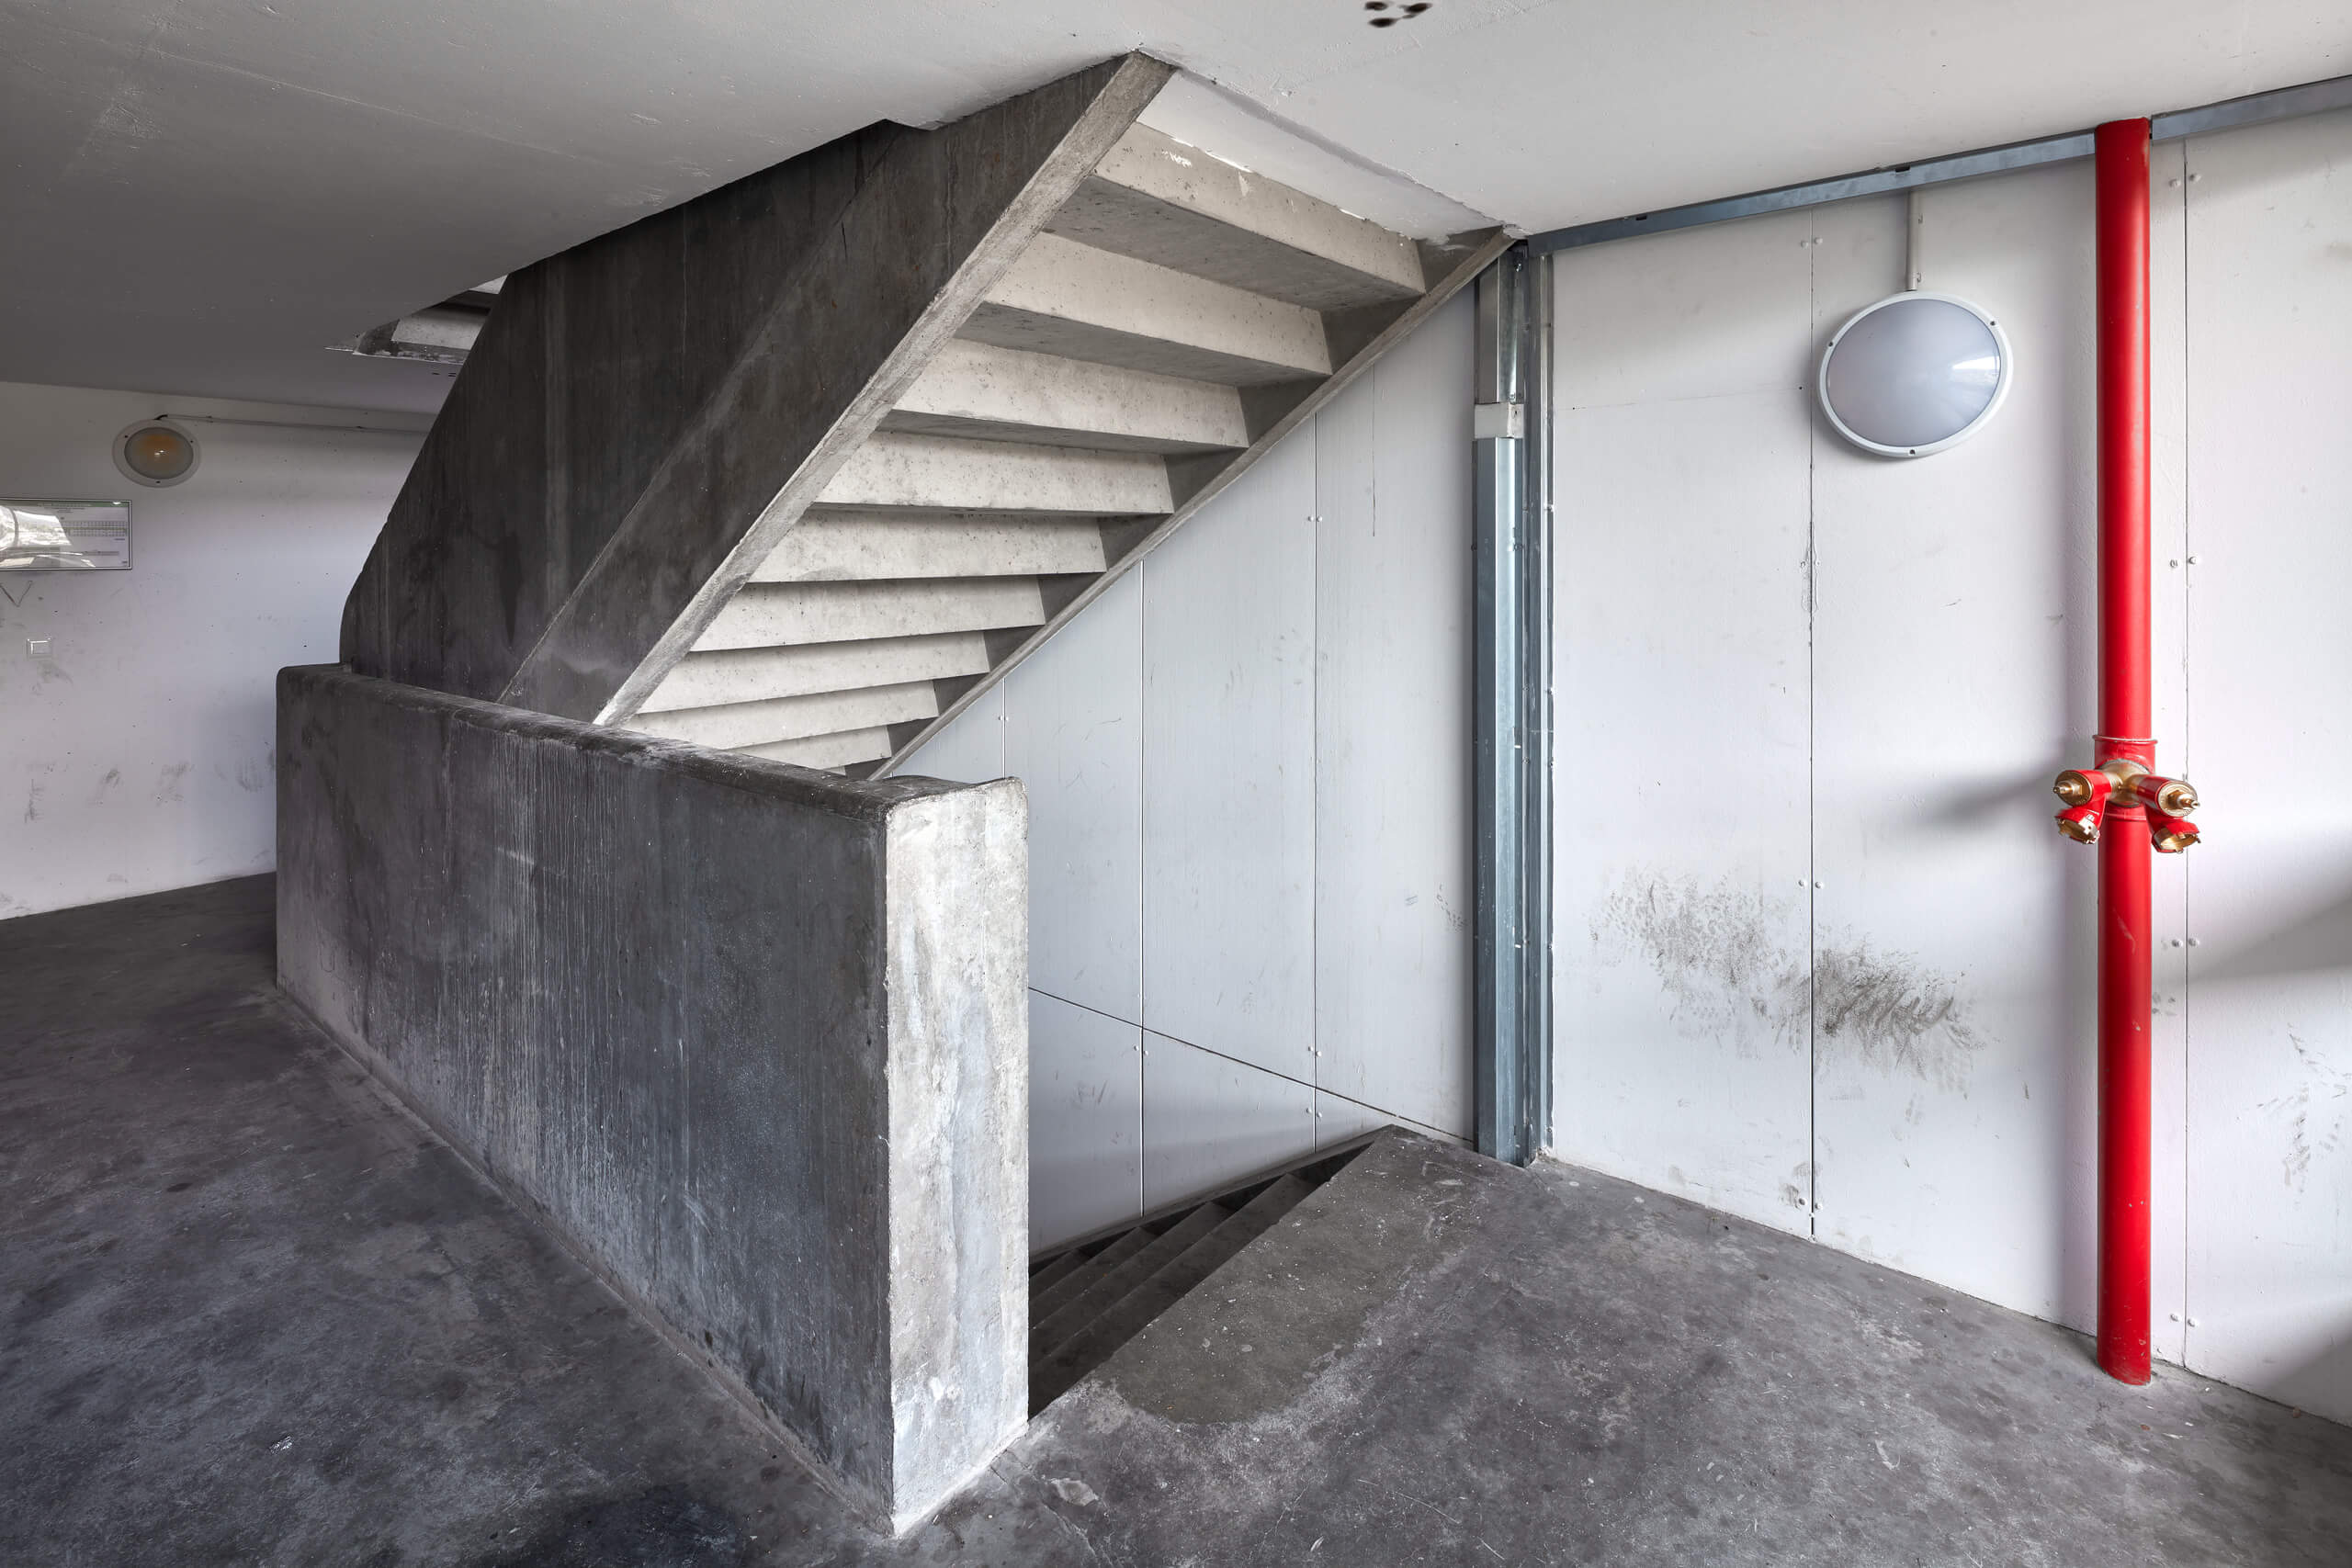 Federico_Covre_Unité_Firminy_Le_Corbusier_2018_45